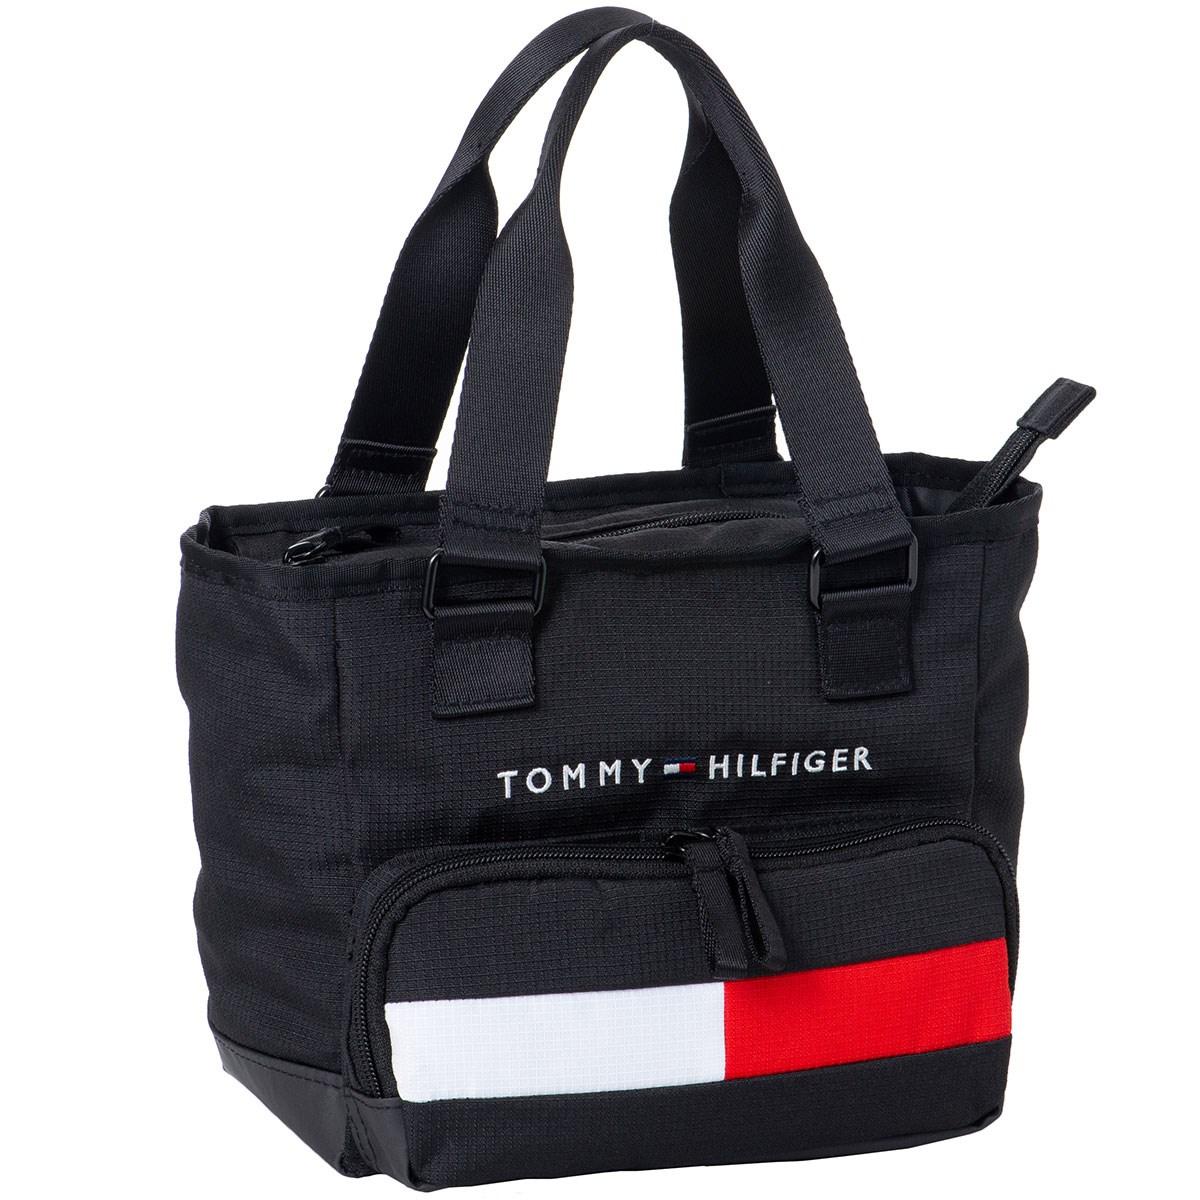 トミー ヒルフィガー ゴルフ TOMMY HILFIGER GOLF SOLID ラウンドバッグ ブラック 10